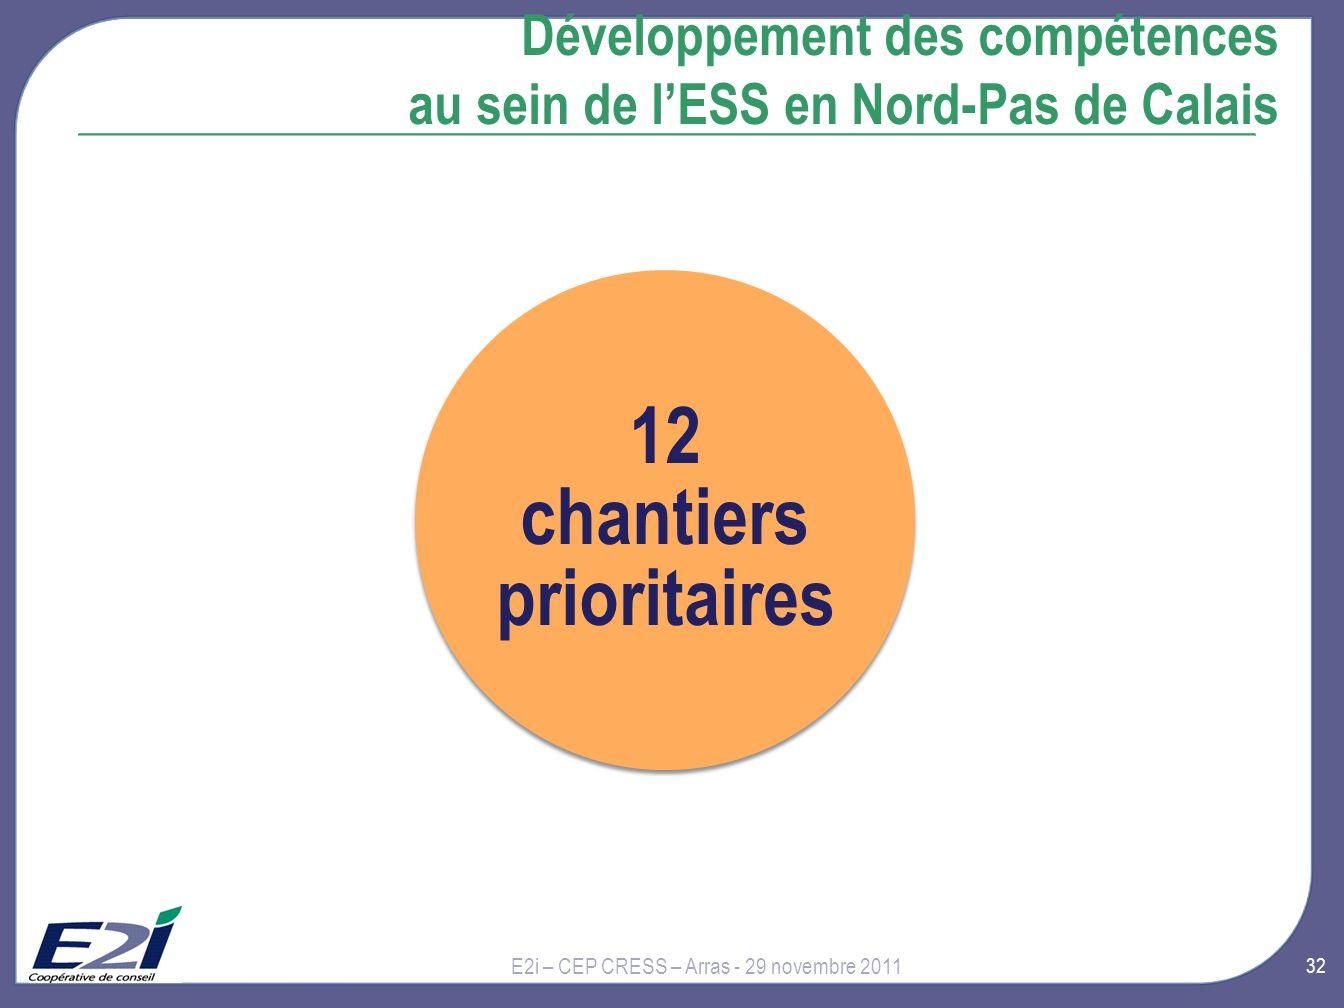 32 Développement des compétences au sein de lESS en Nord-Pas de Calais E2i – CEP CRESS – Arras - 29 novembre 2011 12 chantiers prioritaires